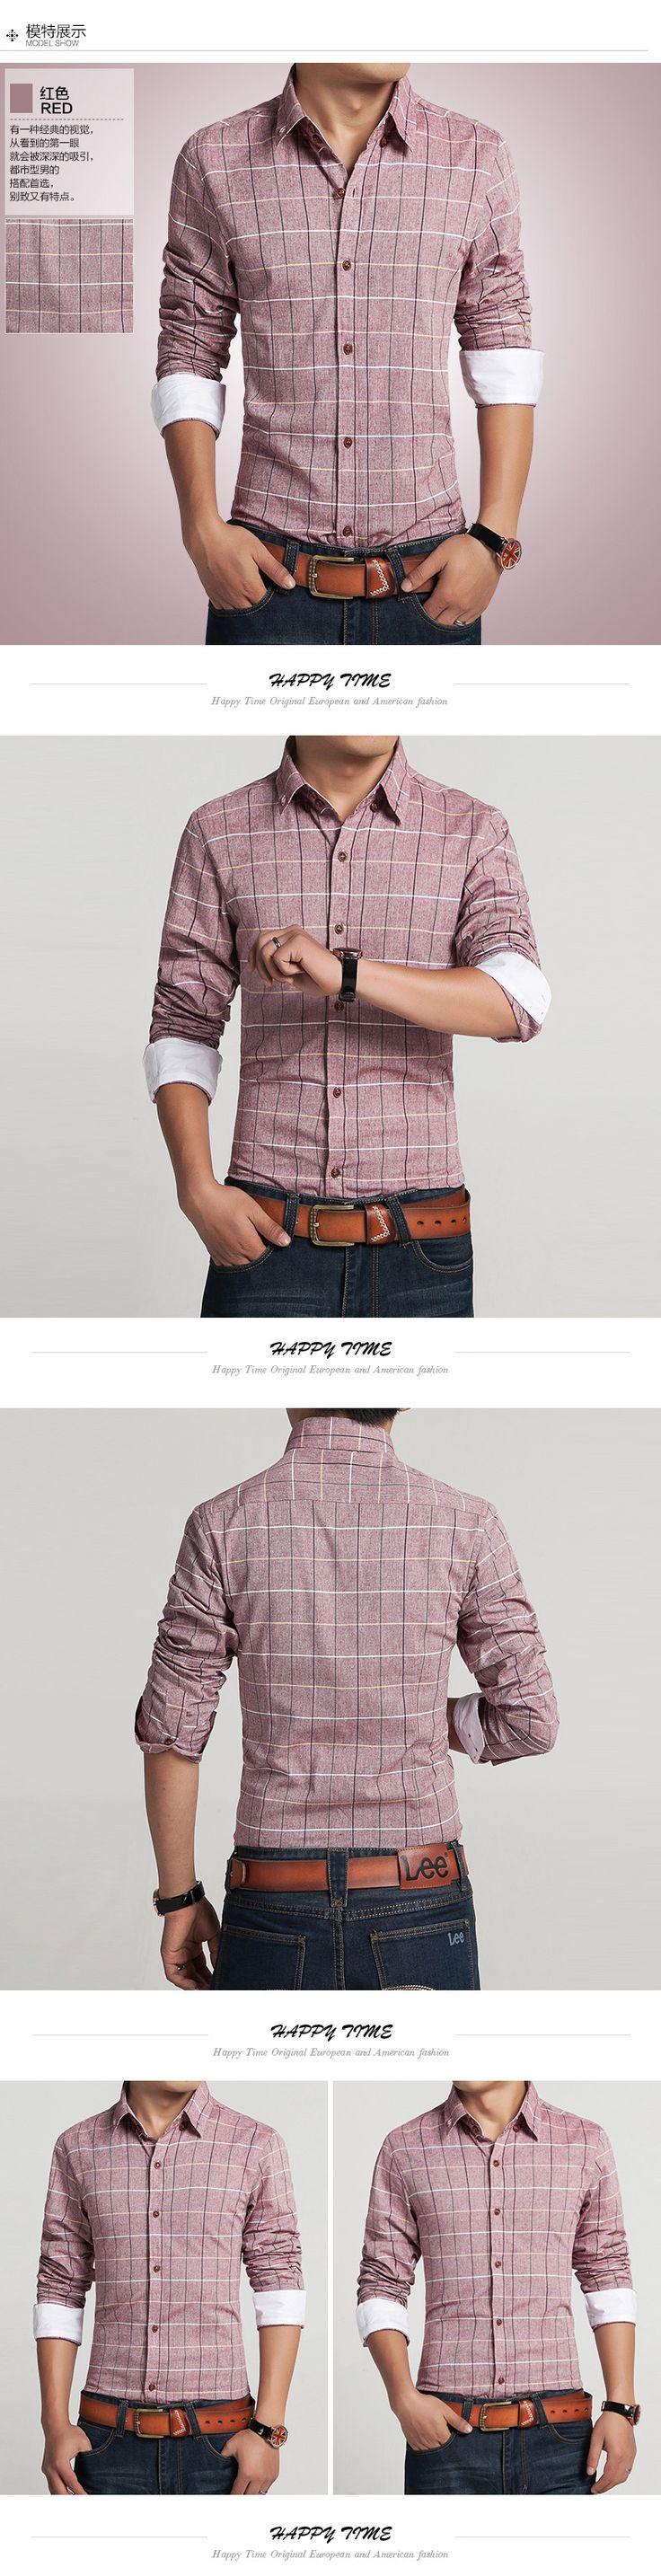 2015 homens 100% algodão retro camisas de vestido da marca hot homem primavera outono manga longa de algodão xadrez do vintage casual masculino camisas em Camisas casuais de Dos homens de Roupas & Acessórios no AliExpress.com | Alibaba Group